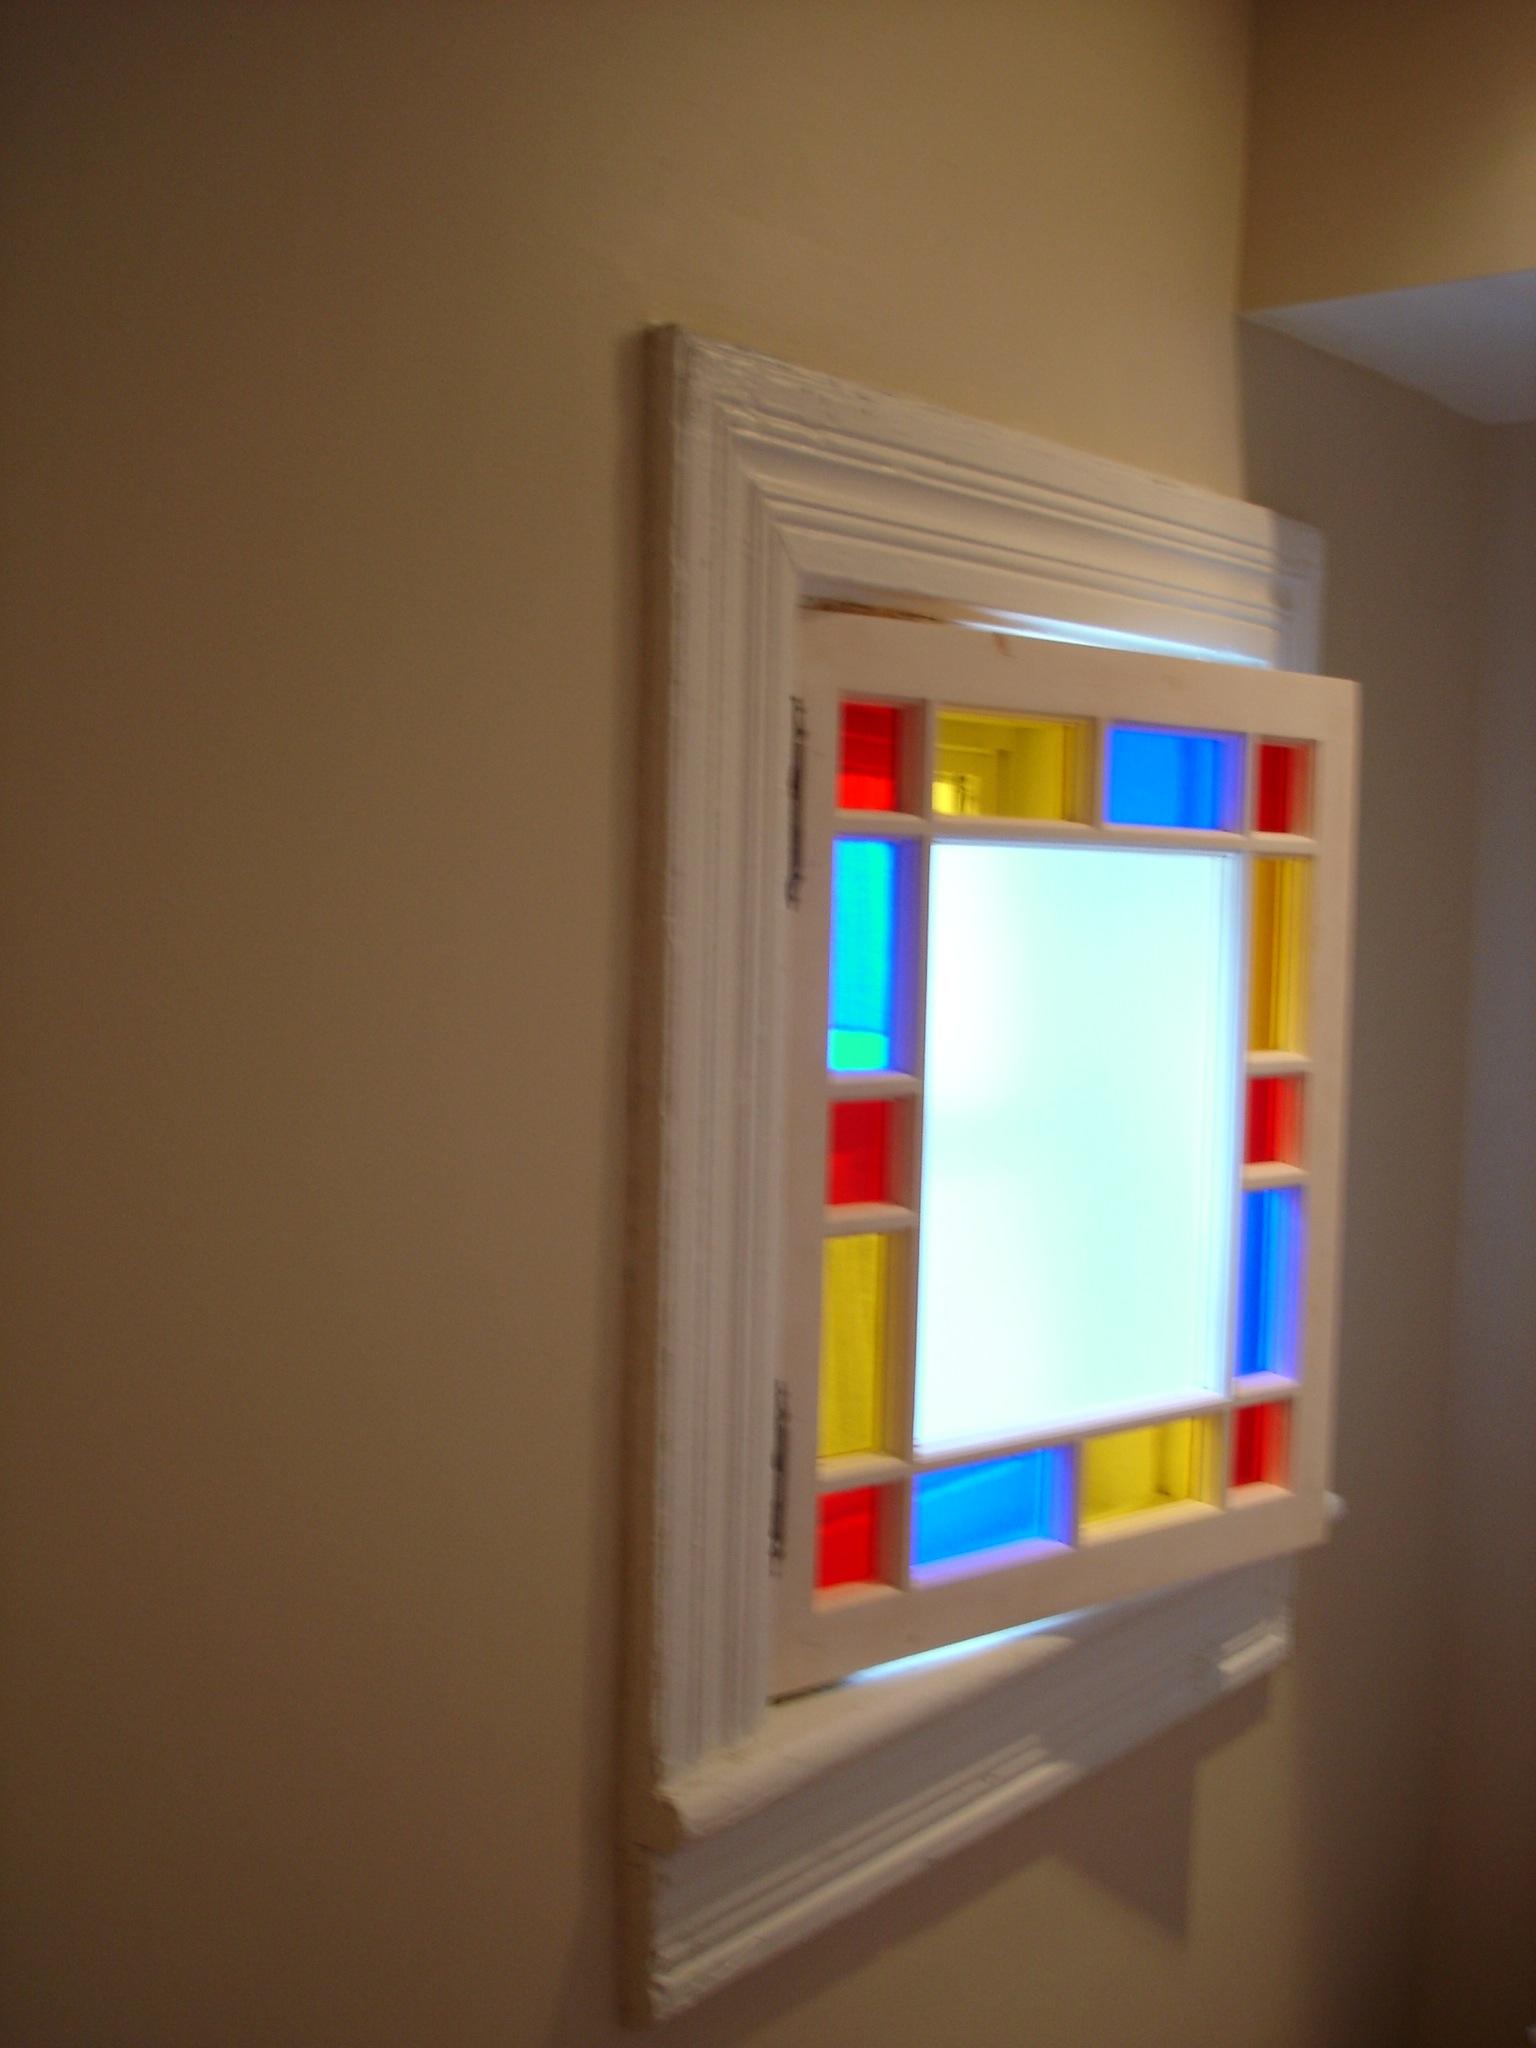 Installed window